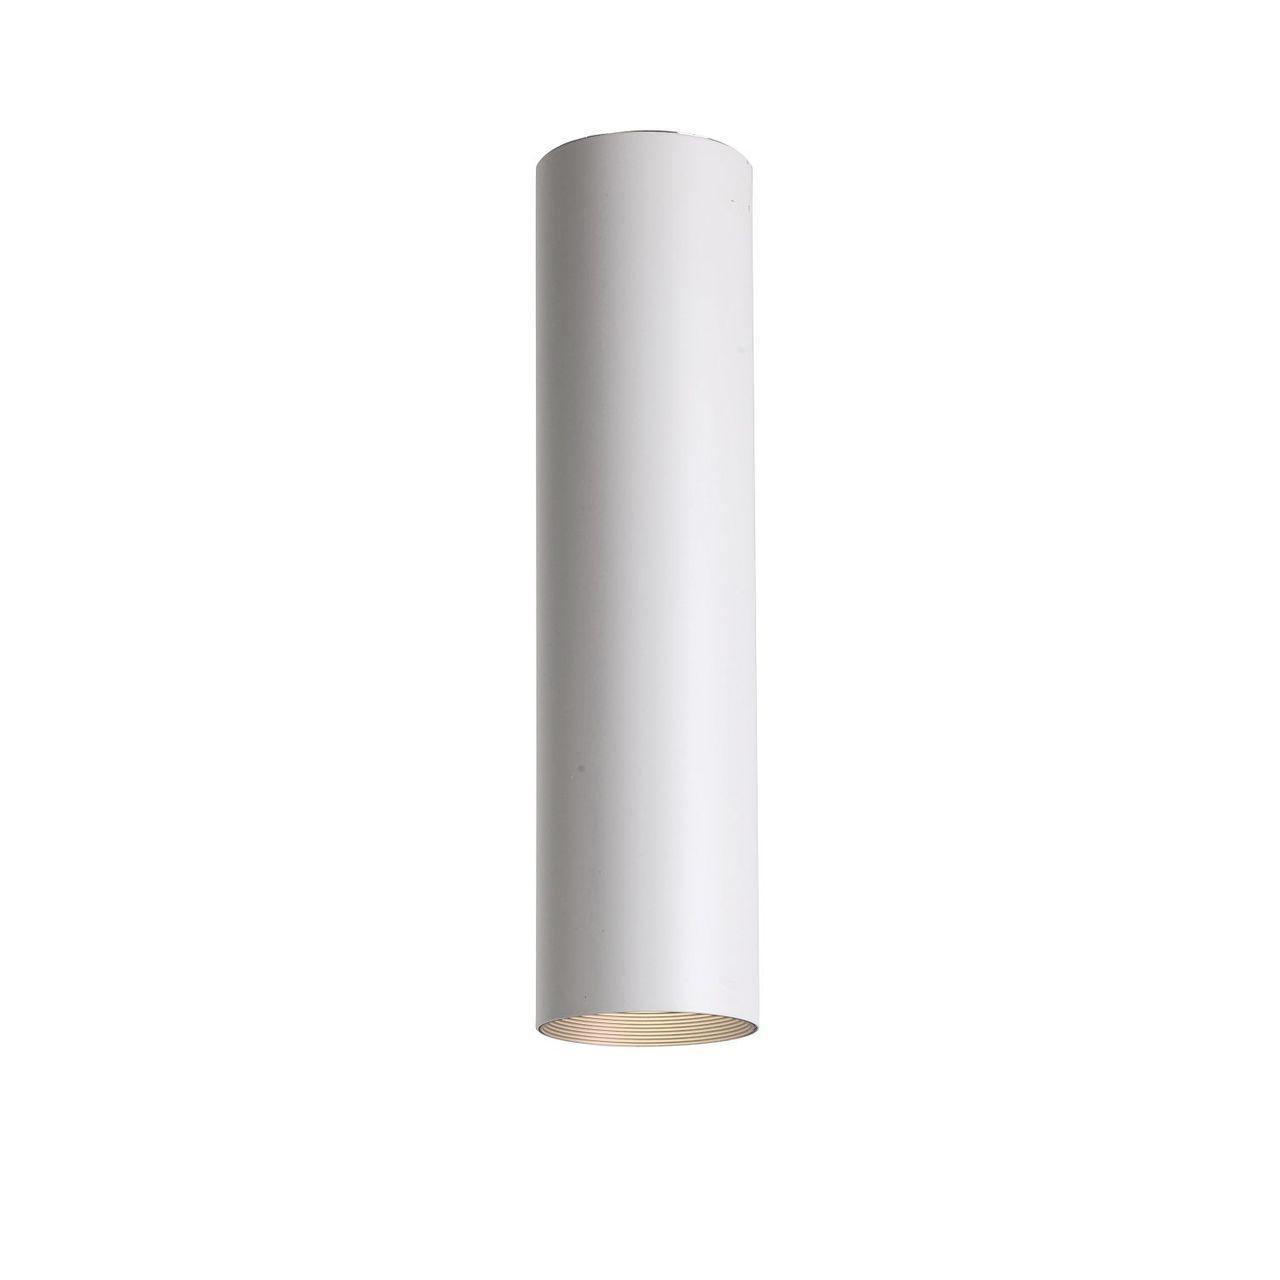 Потолочный светодиодный светильник Favourite Drum 2248-1U потолочный светодиодный светильник favourite umlauf 2116 1u